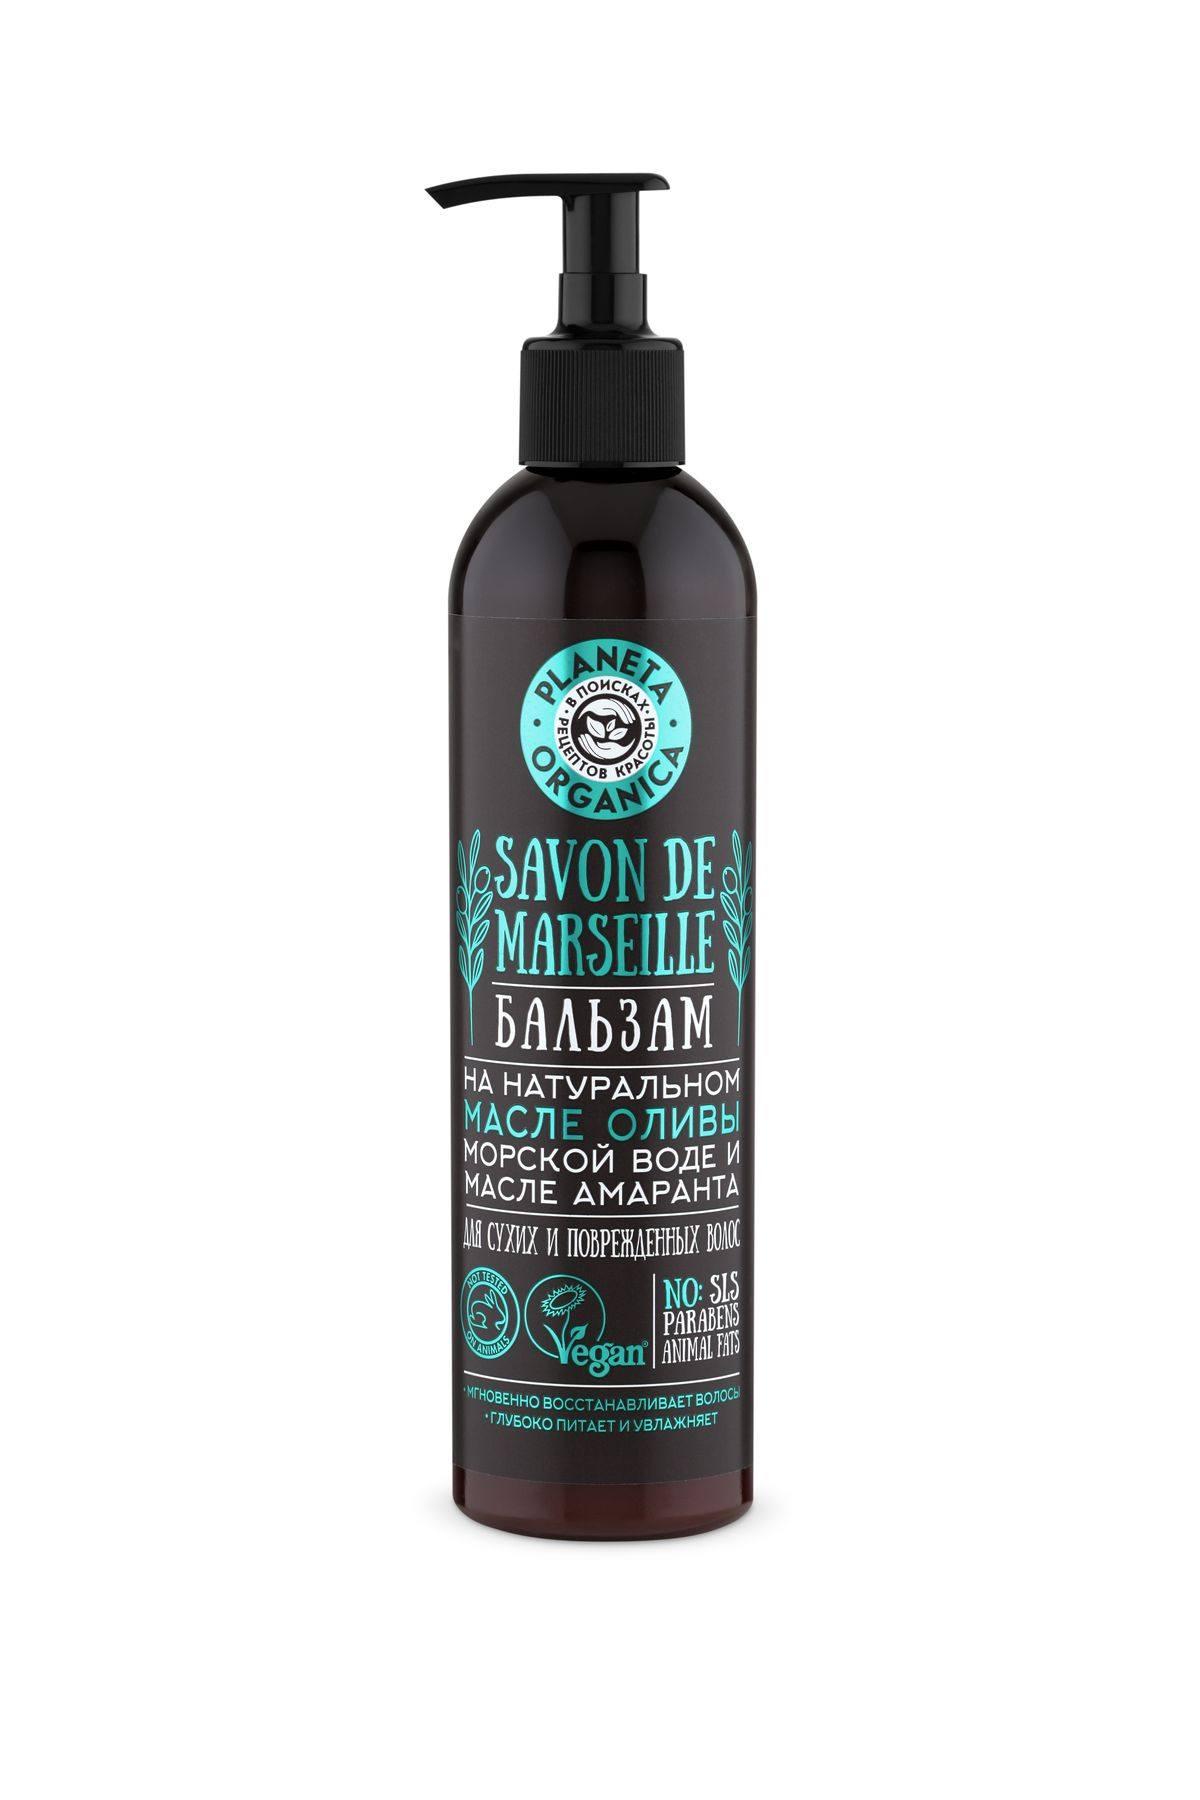 Купить Planeta Organica Savon de Бальзам для сухих и поврежденных волос Savon de Marseille, 400 мл (shop: Organic-shops Organic shops)